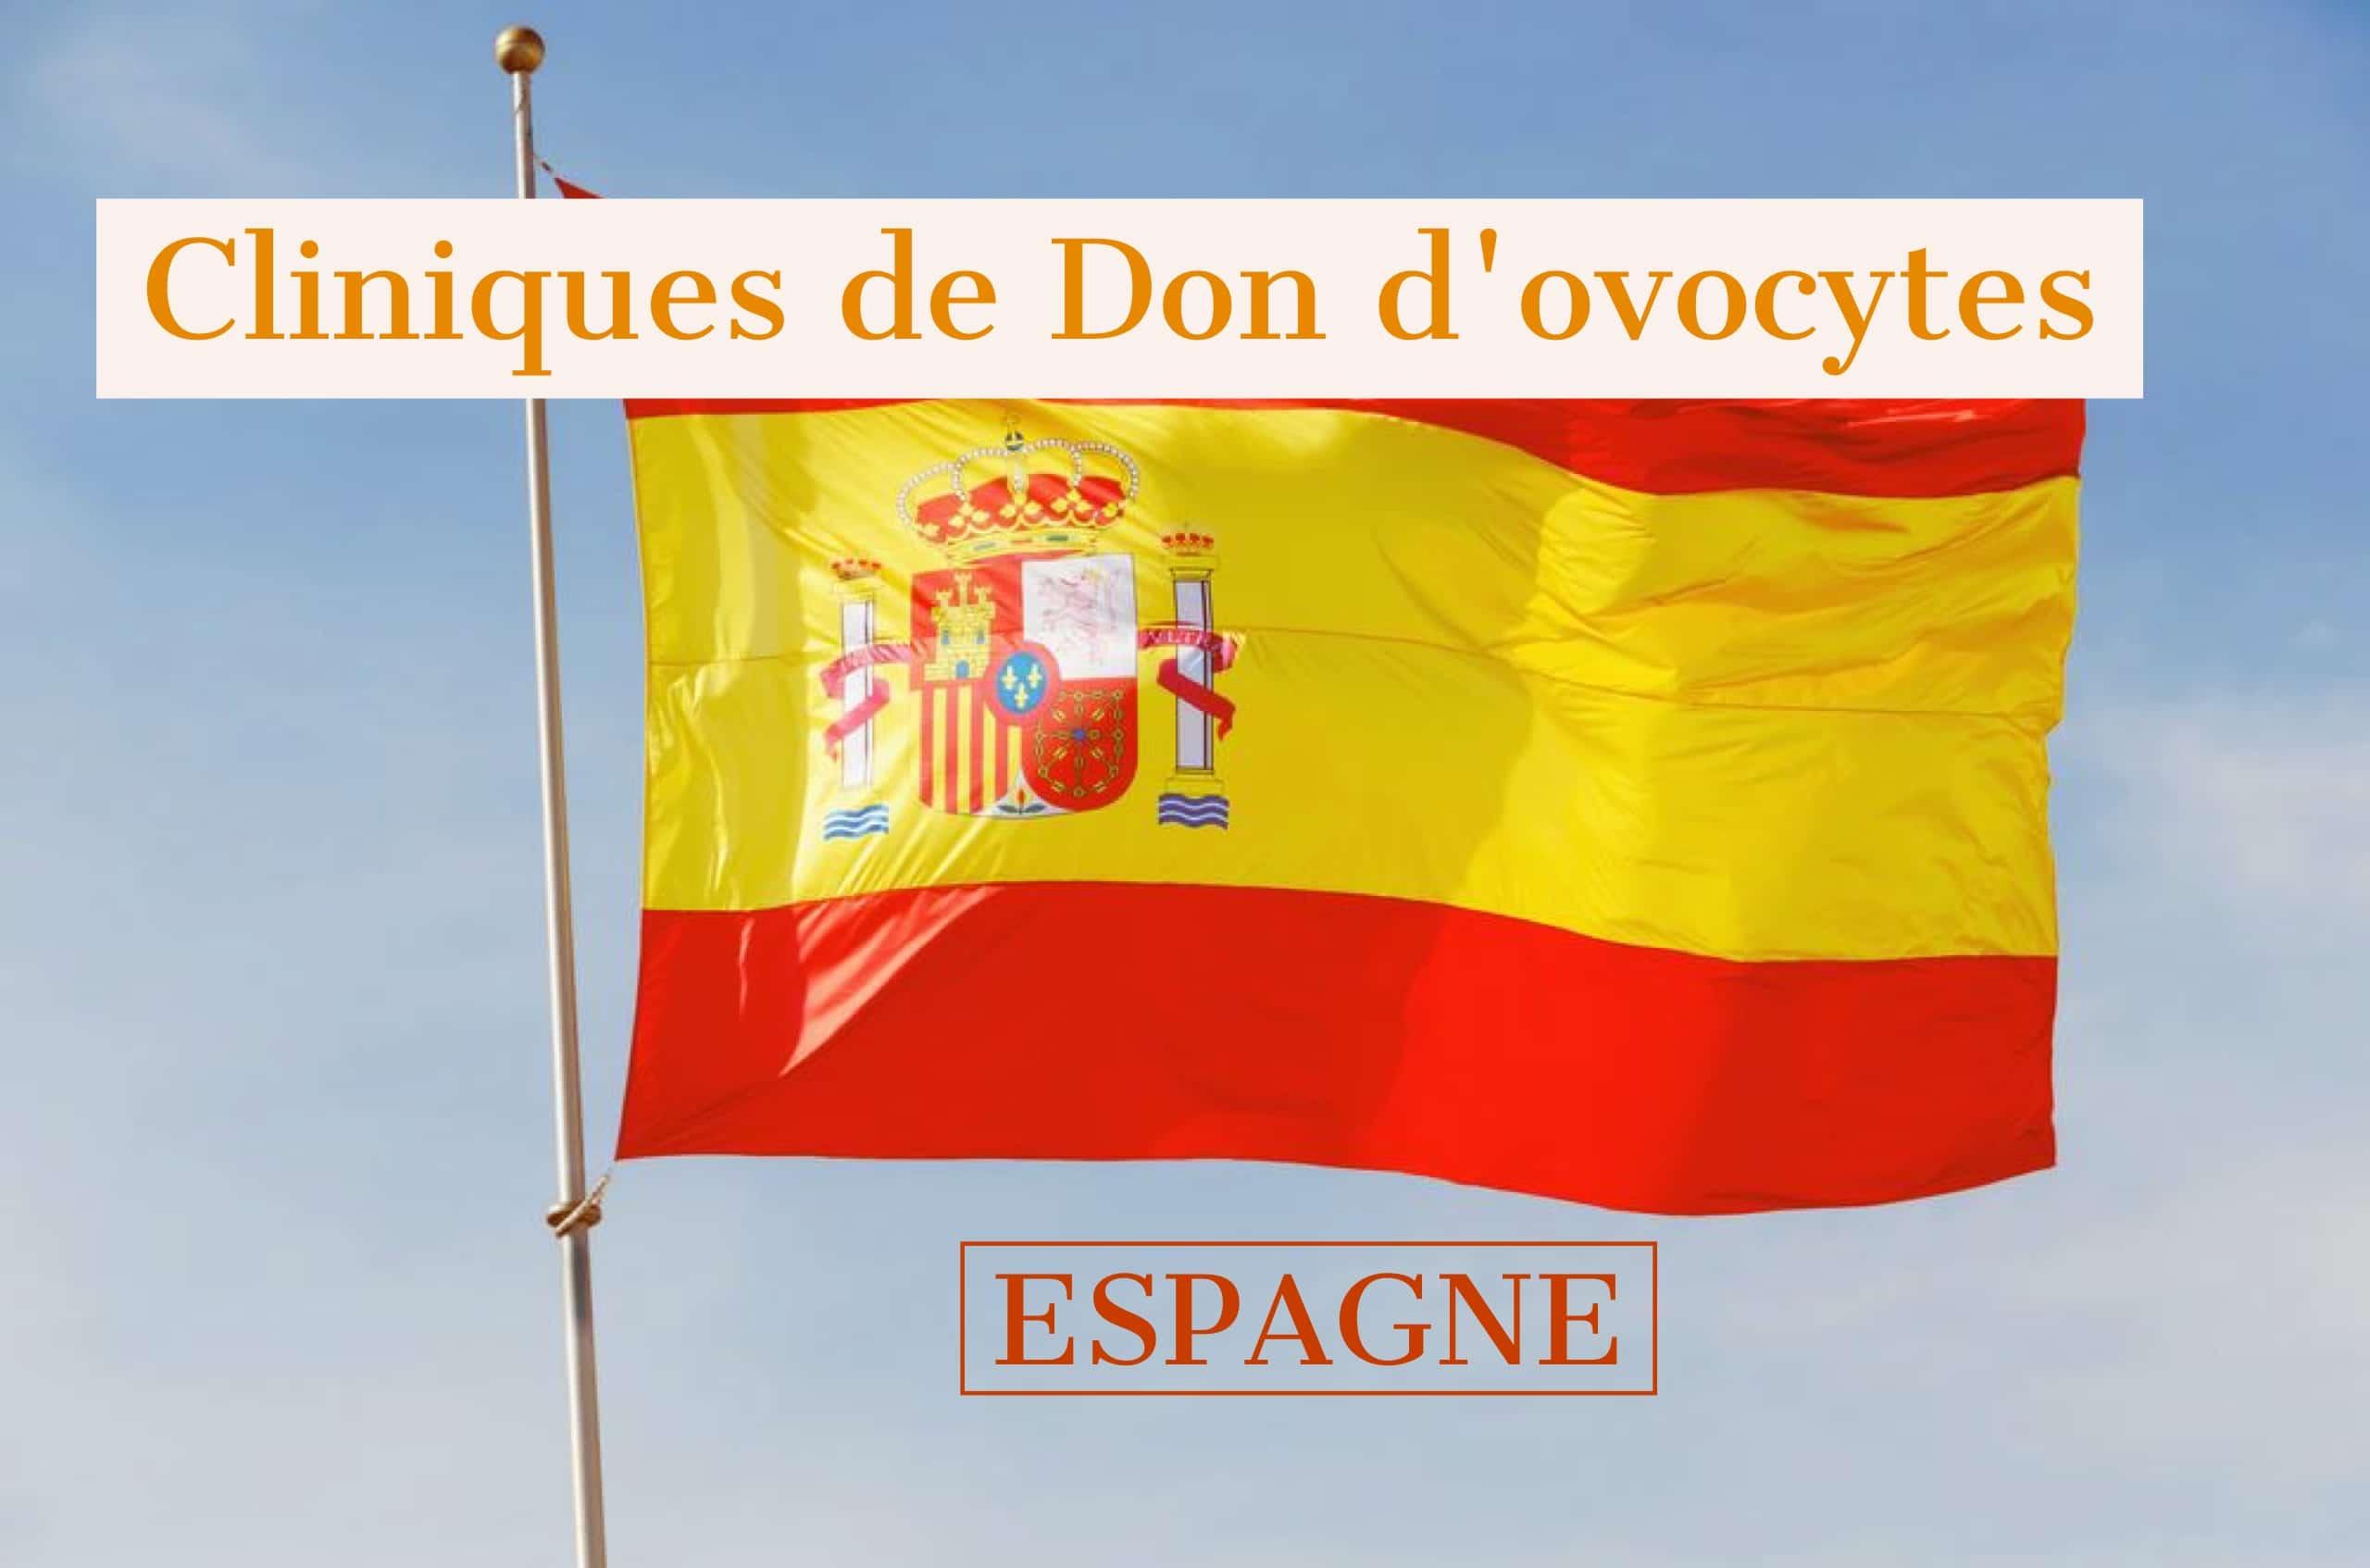 Les cliniques de FIV et Don d'ovocytes en Espagne • Fiv.fr